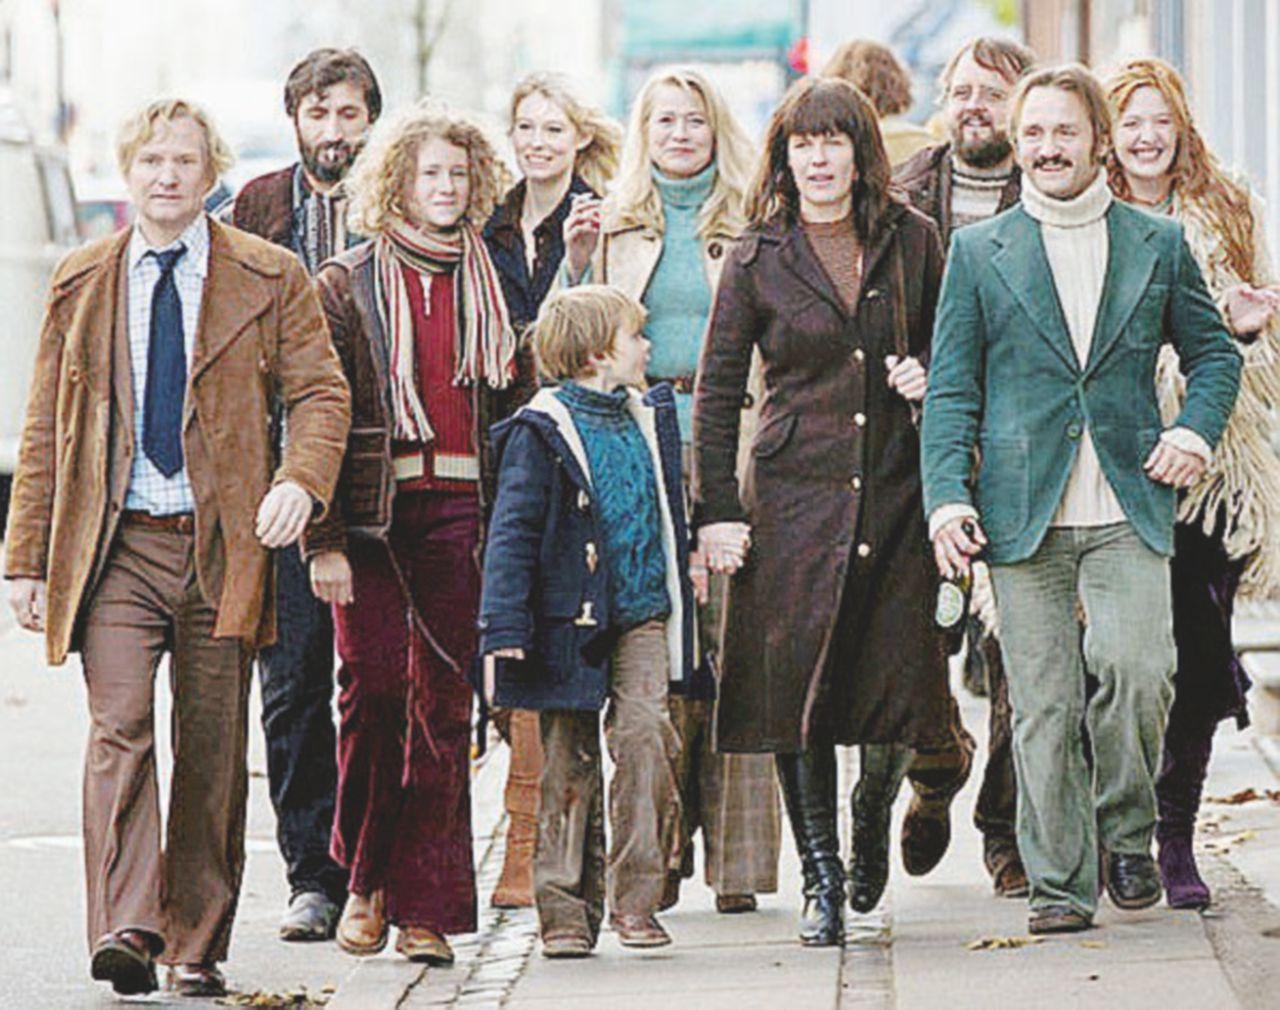 Sarà anche la Copenaghen dei Settanta ma l'amore libero è rimasto un'utopia